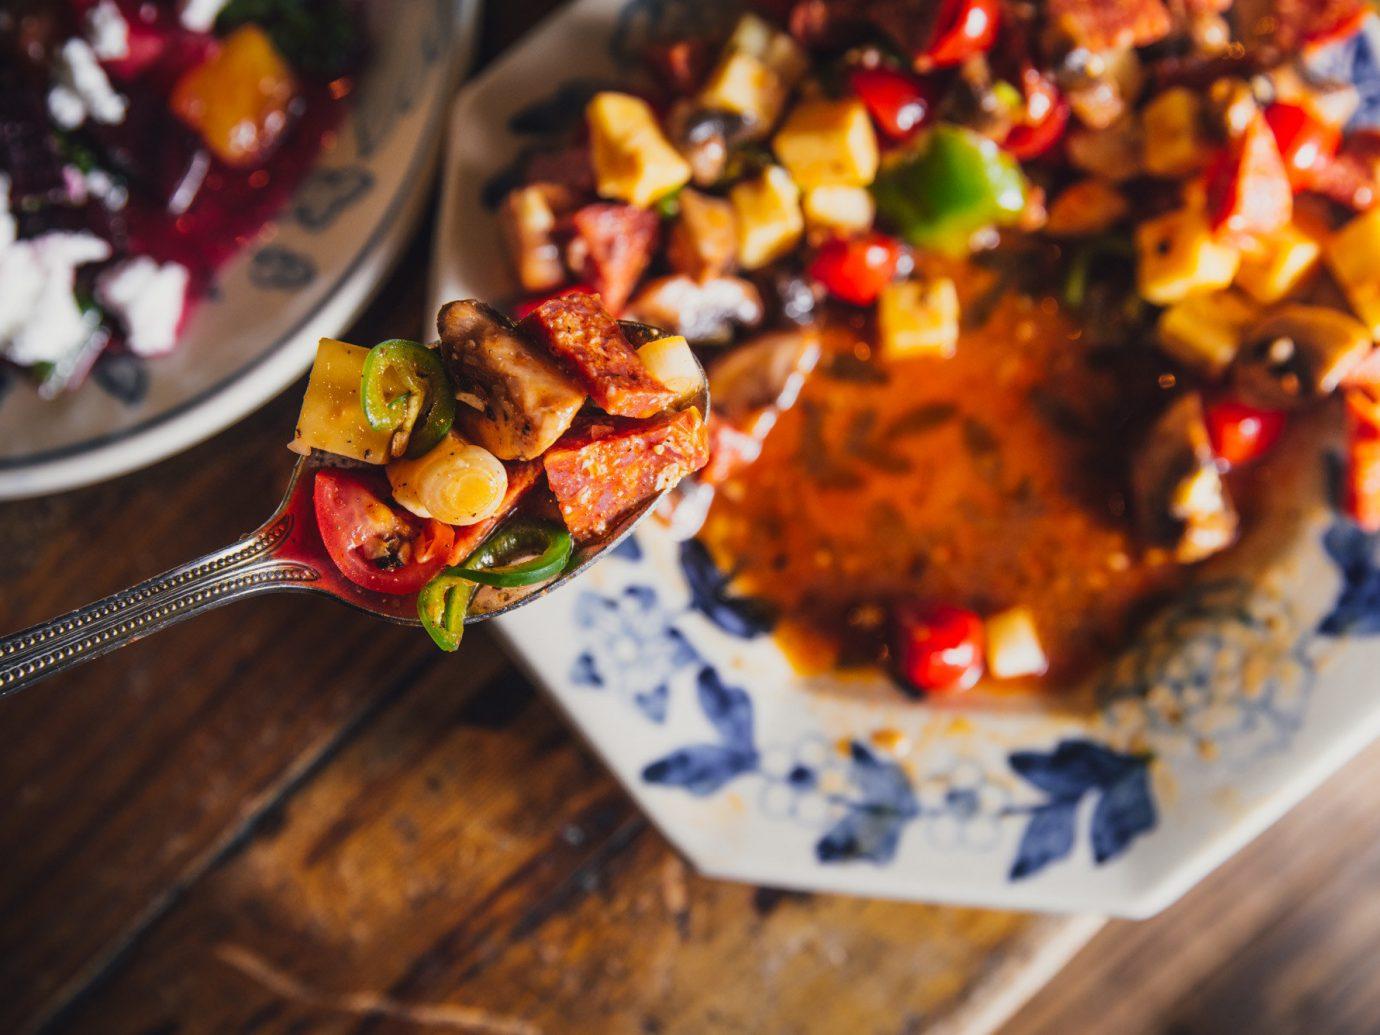 Food + Drink indoor dish food cuisine vegetarian food nachos vegetable meal recipe brunch side dish breakfast toppings